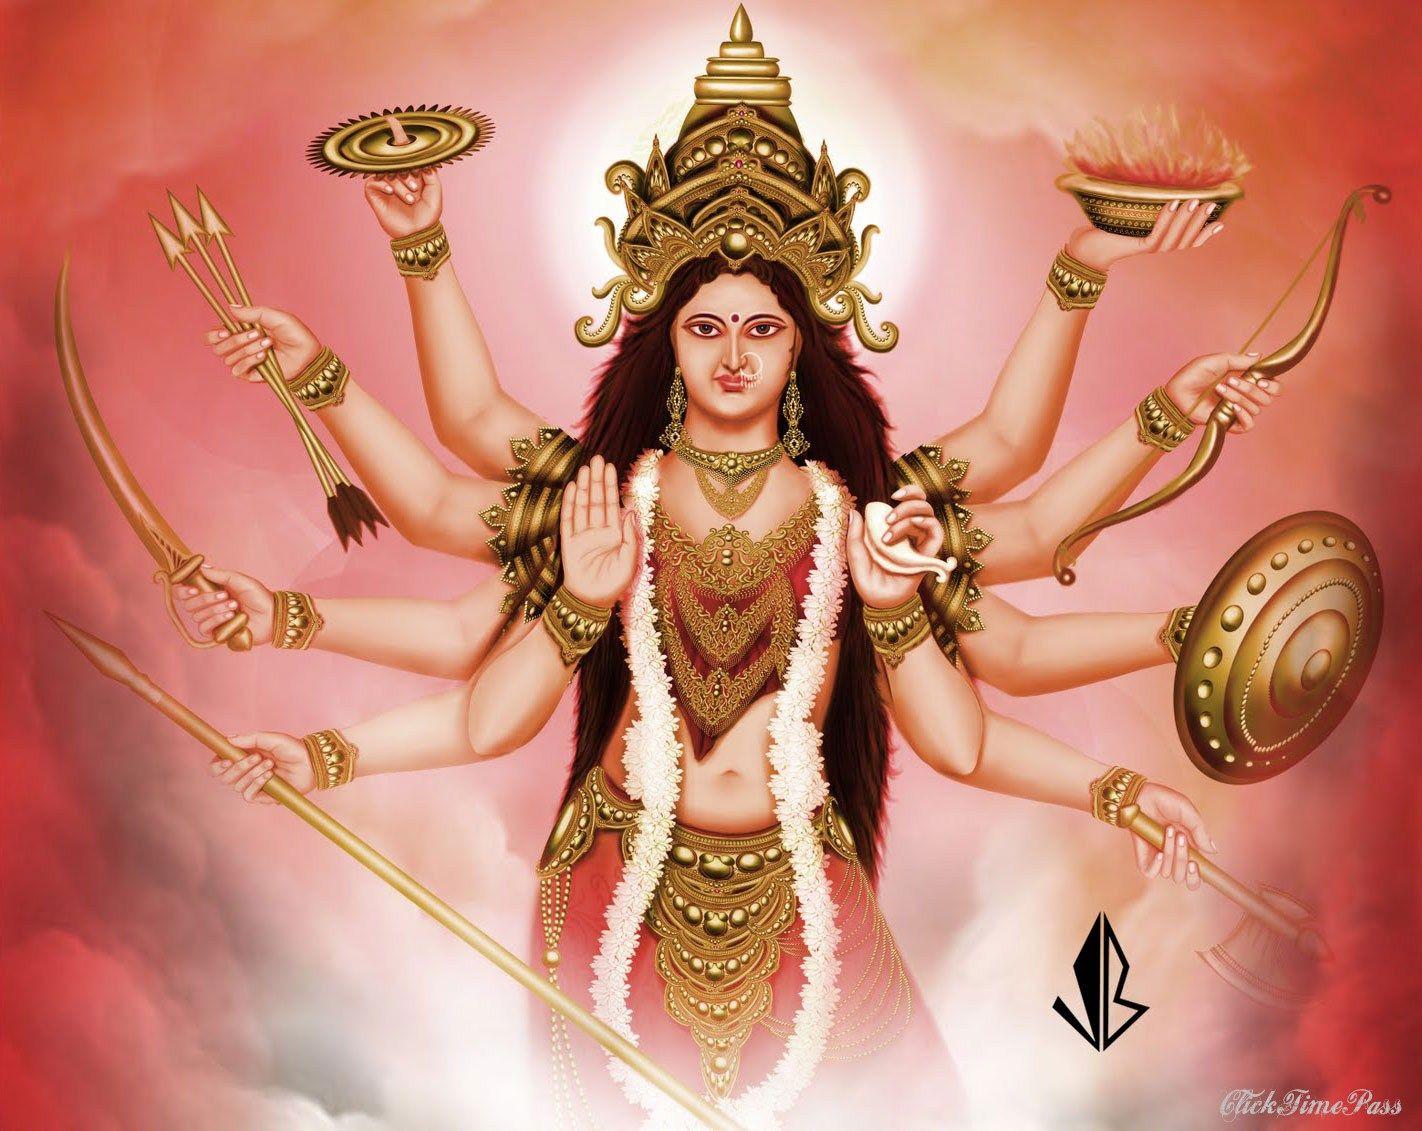 Shakti Cakes Wallpapers Adi Shakti Adishakti Shailaputri Who Is Adi Maya Shakti Durga Durga Maa Durga Goddess